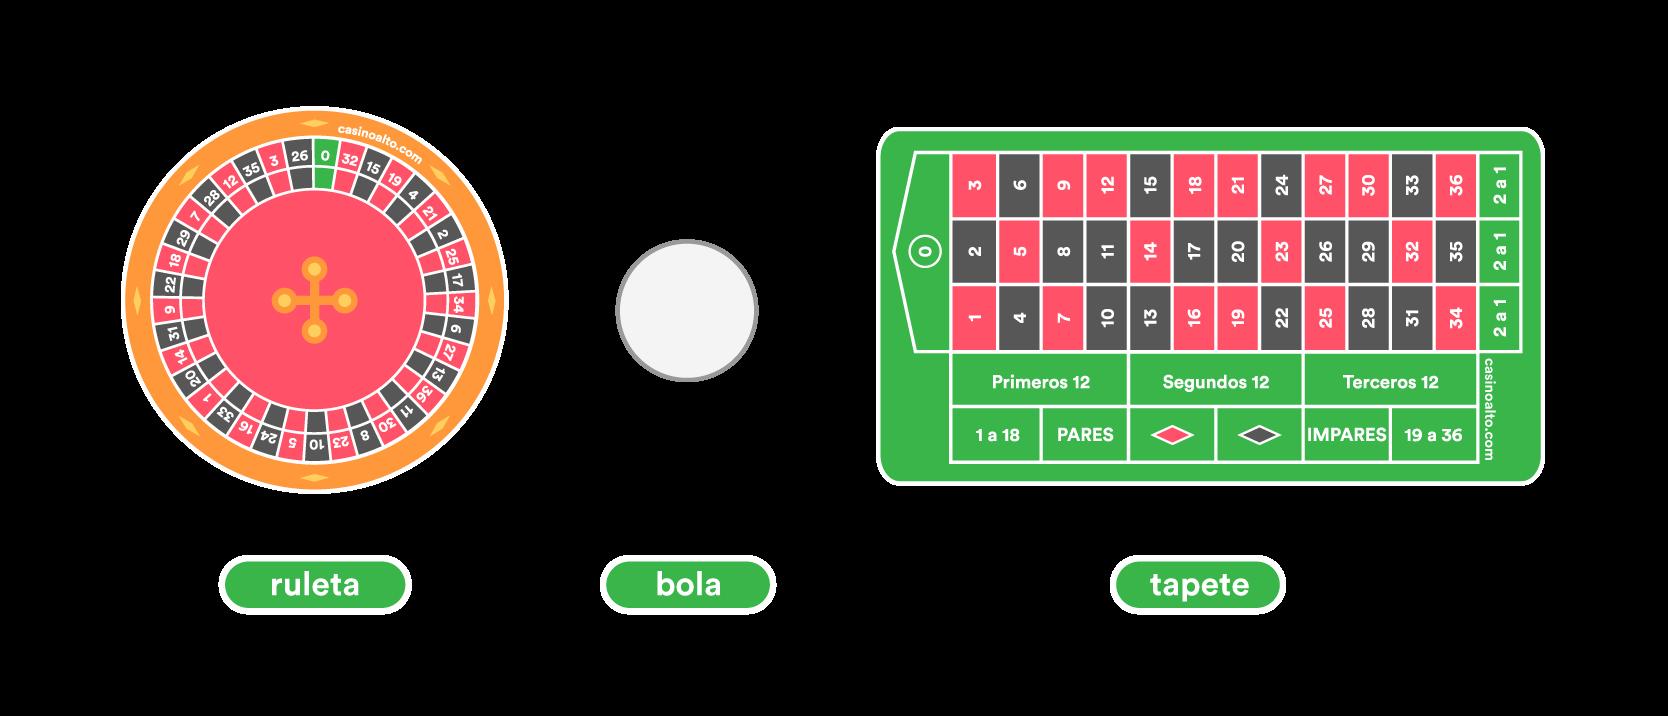 componentes de la ruleta